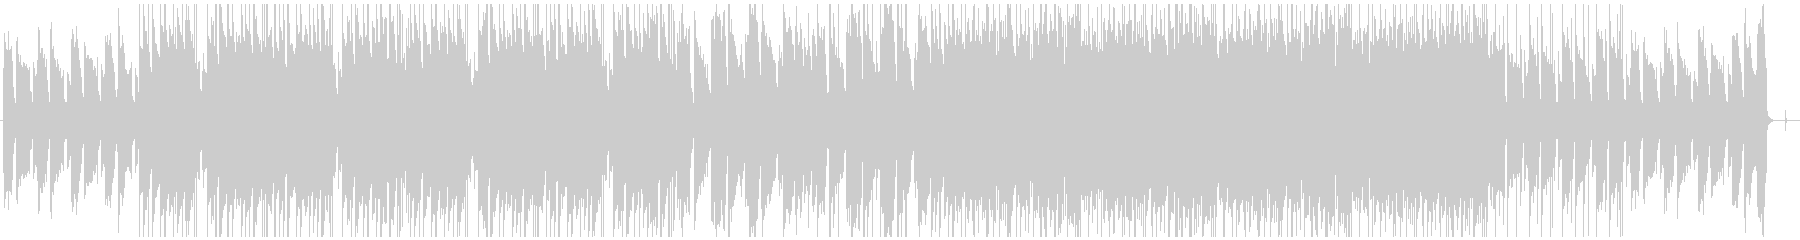 ギターとピアノのLofiヒップホップの未再生の波形